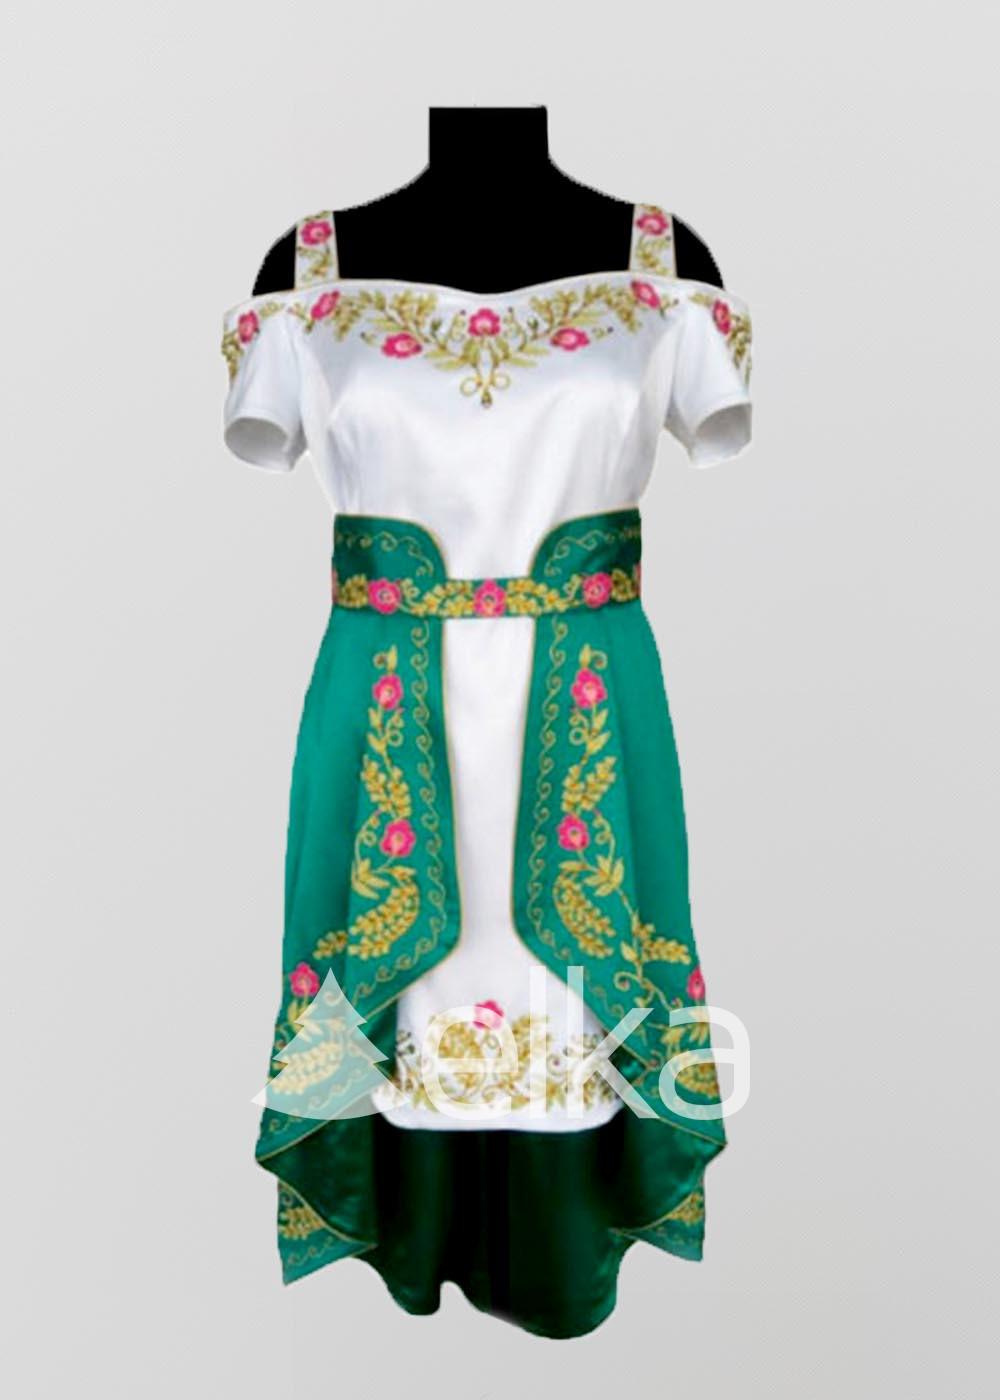 Украинский стилизованный костюм